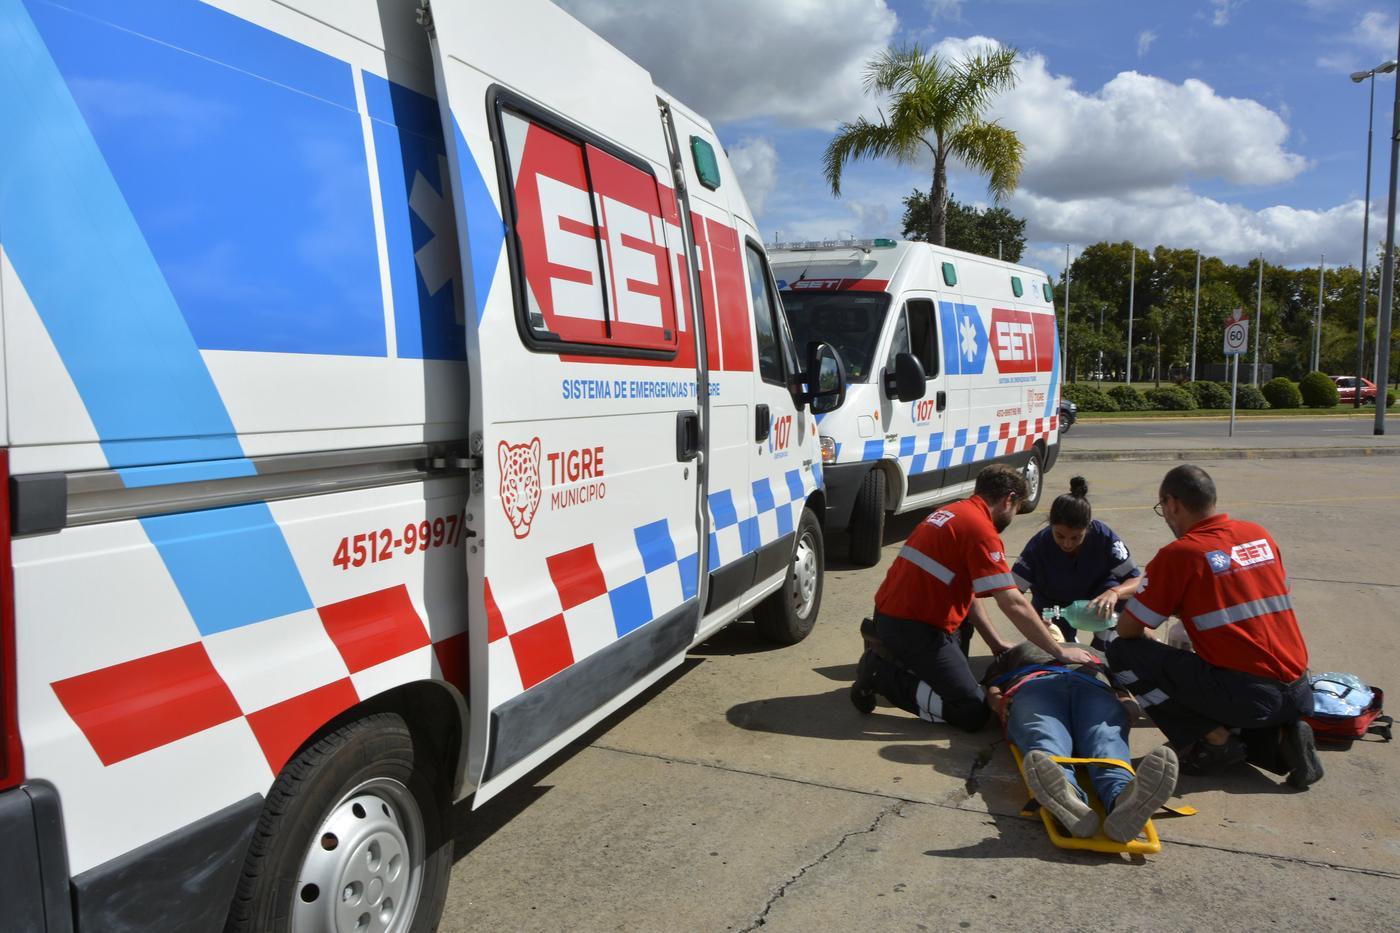 El Sistema de emergencia Tige respondió más de 11 mil llamadas de emergencia durante el mes de julio